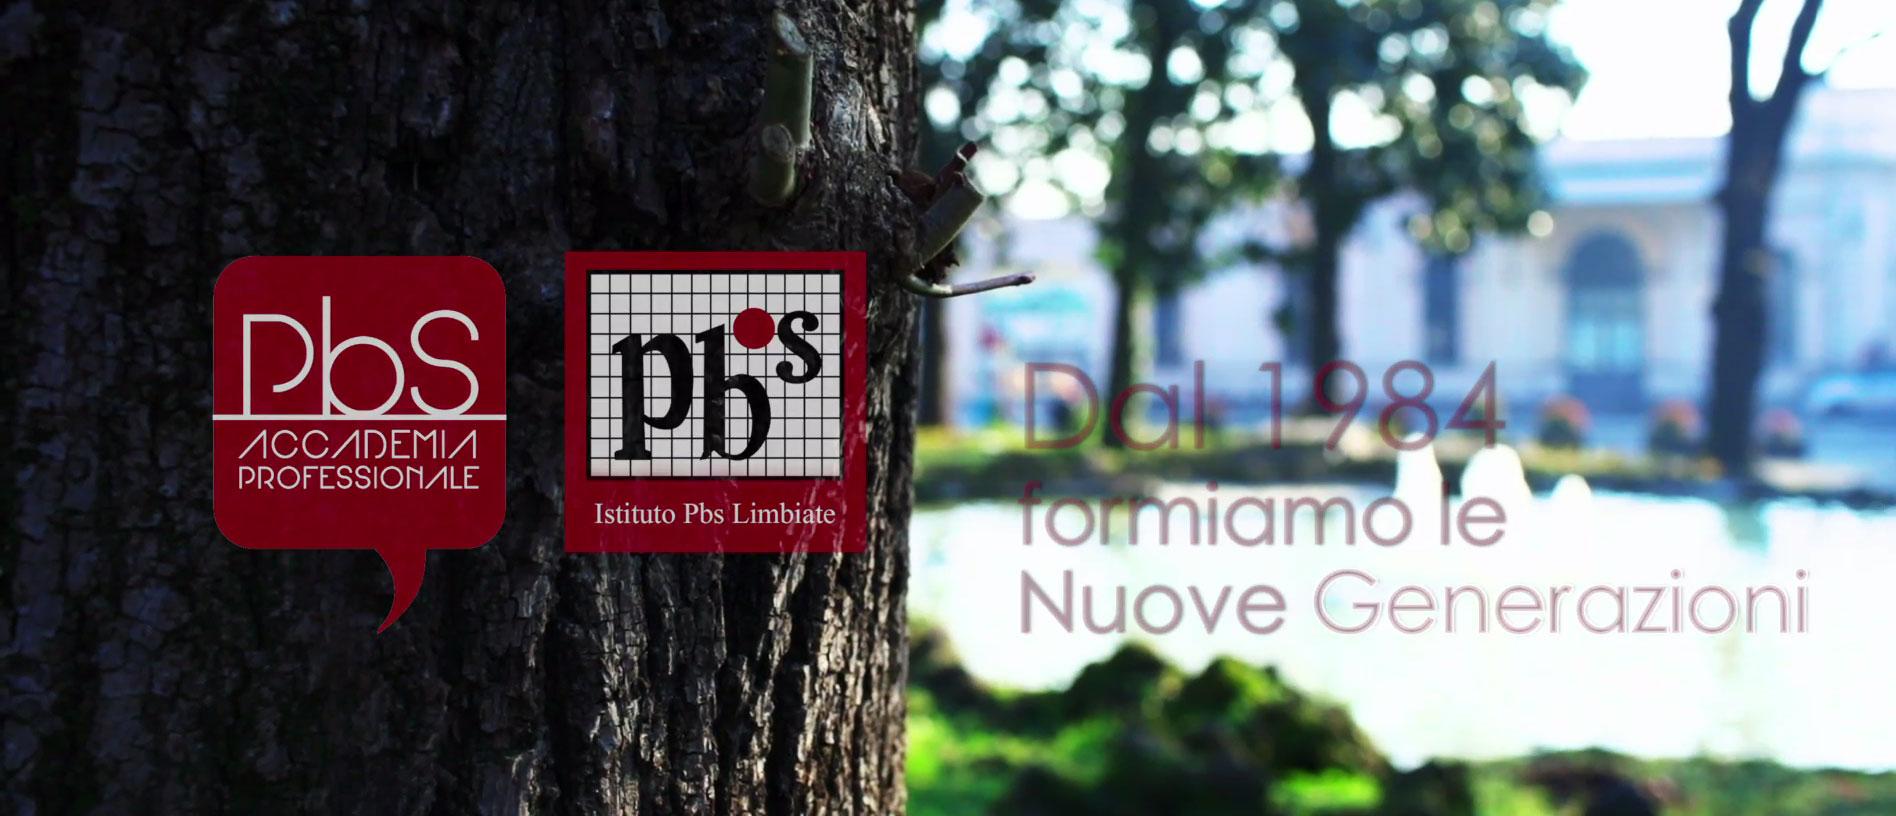 Nuovo Video di presentazione Accademia PBS